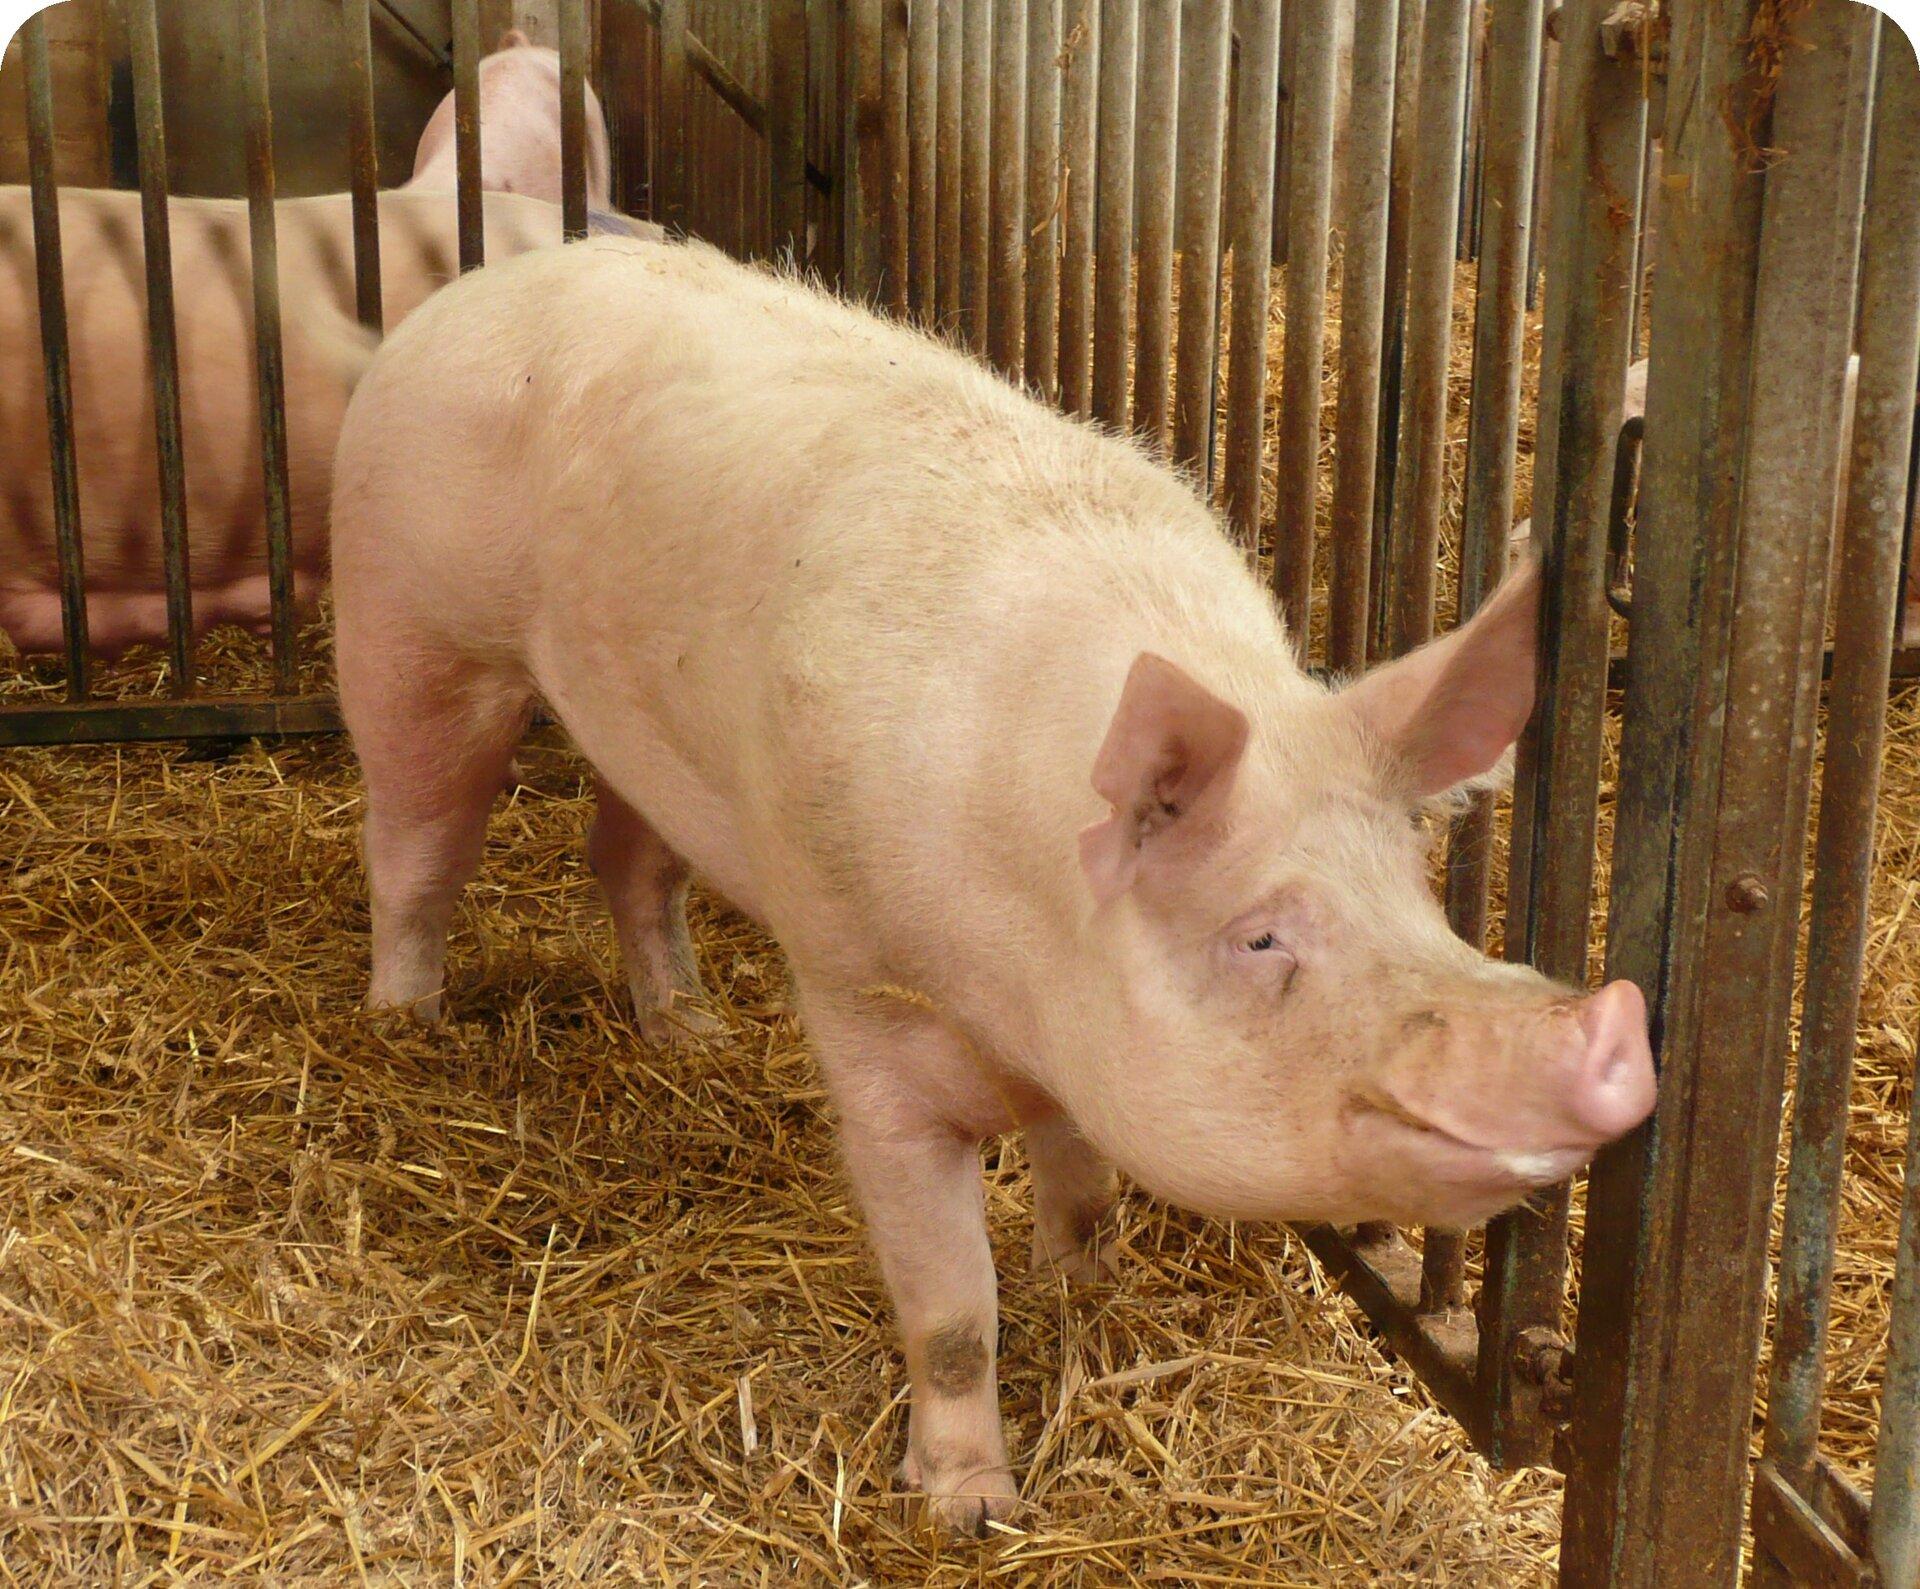 Fotografia przedstawia wzbliżeniu świnię od przodu. Zwierzę ma różowe ciało, jest niskie. Głowa duża.